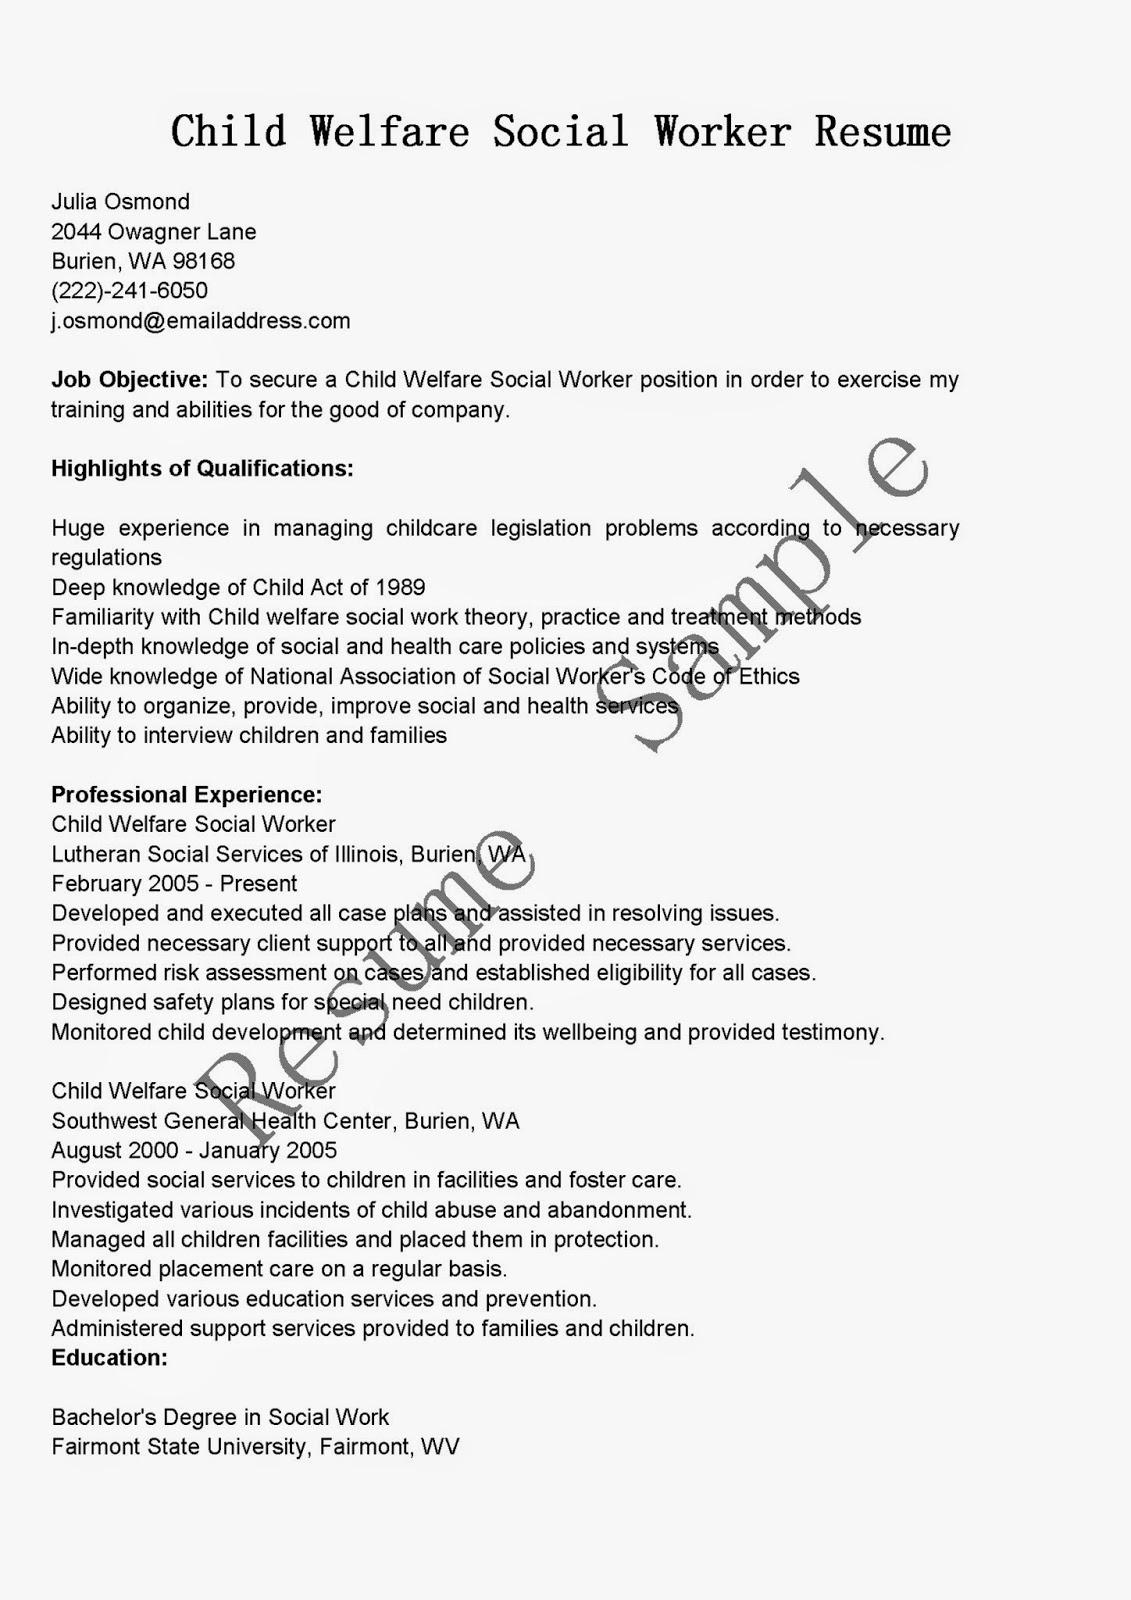 resume samples child welfare social worker resume sample